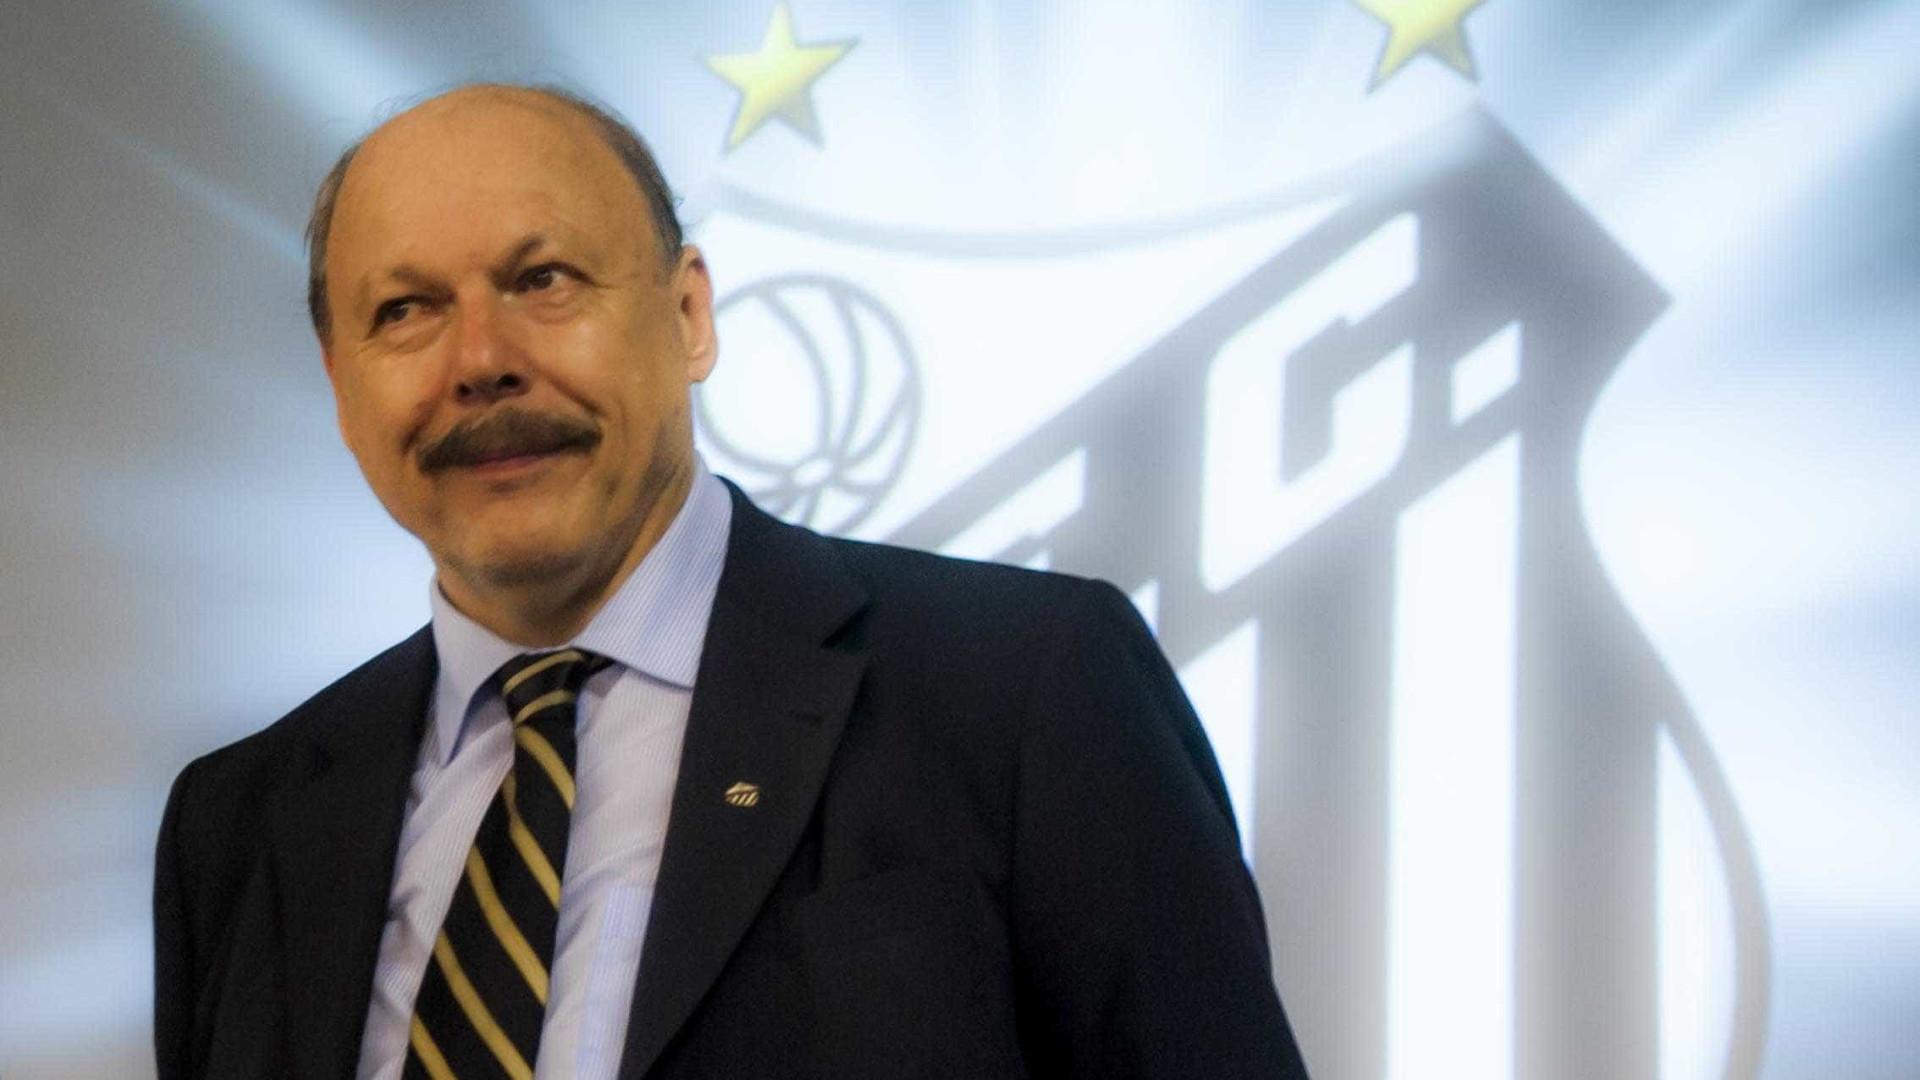 Presidente do Santos ganha liminar que paralisa processo de impeachment